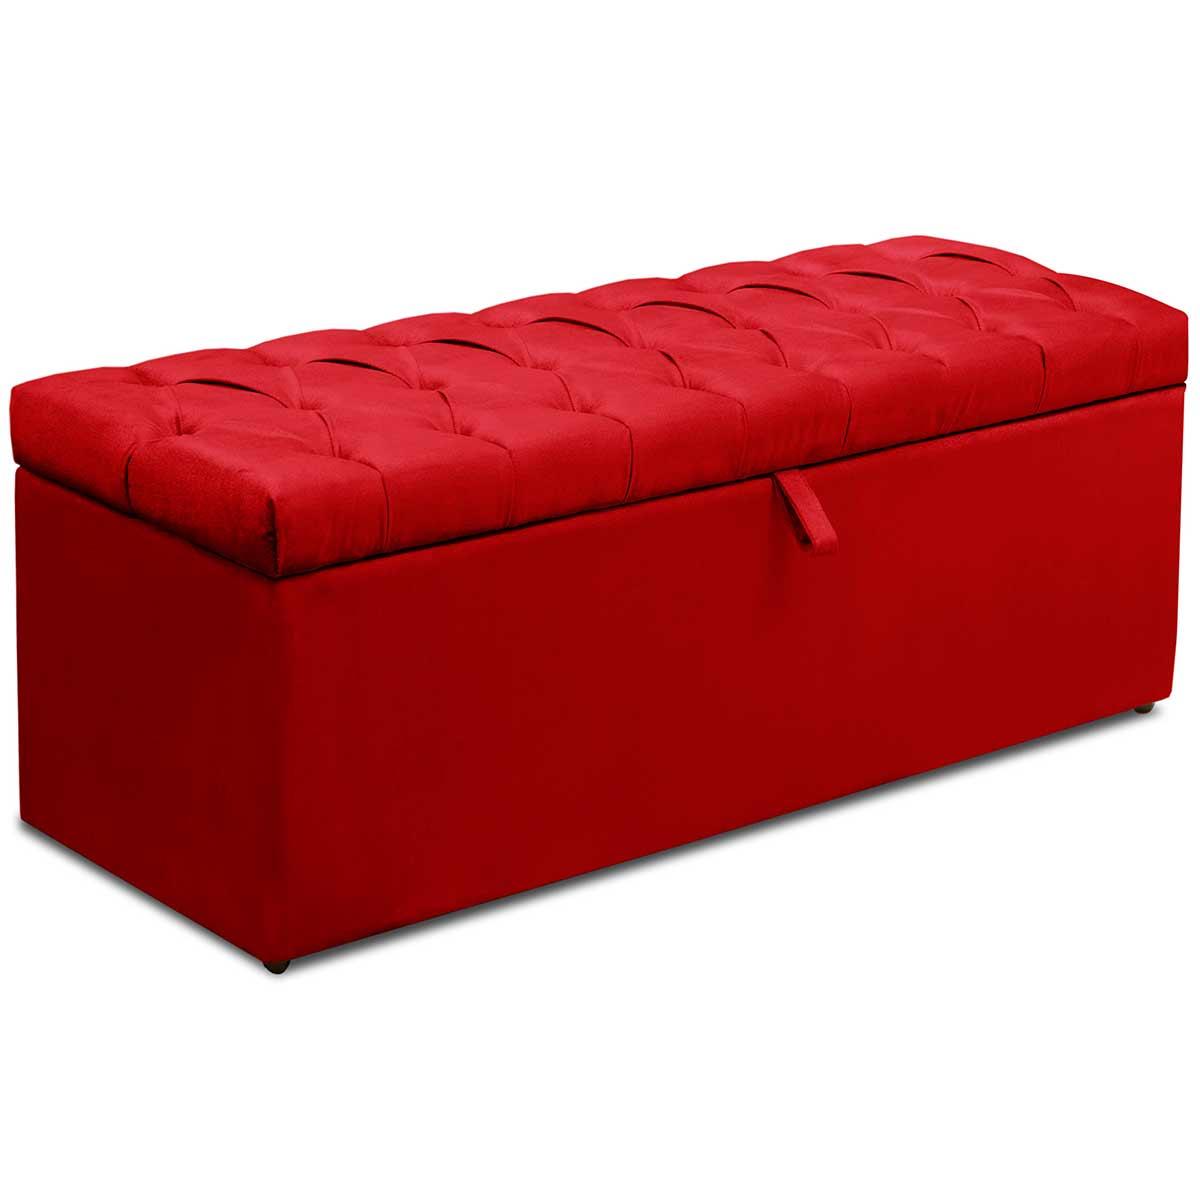 Calçadeira com Baú Itália Animale Vermelho 190 cm